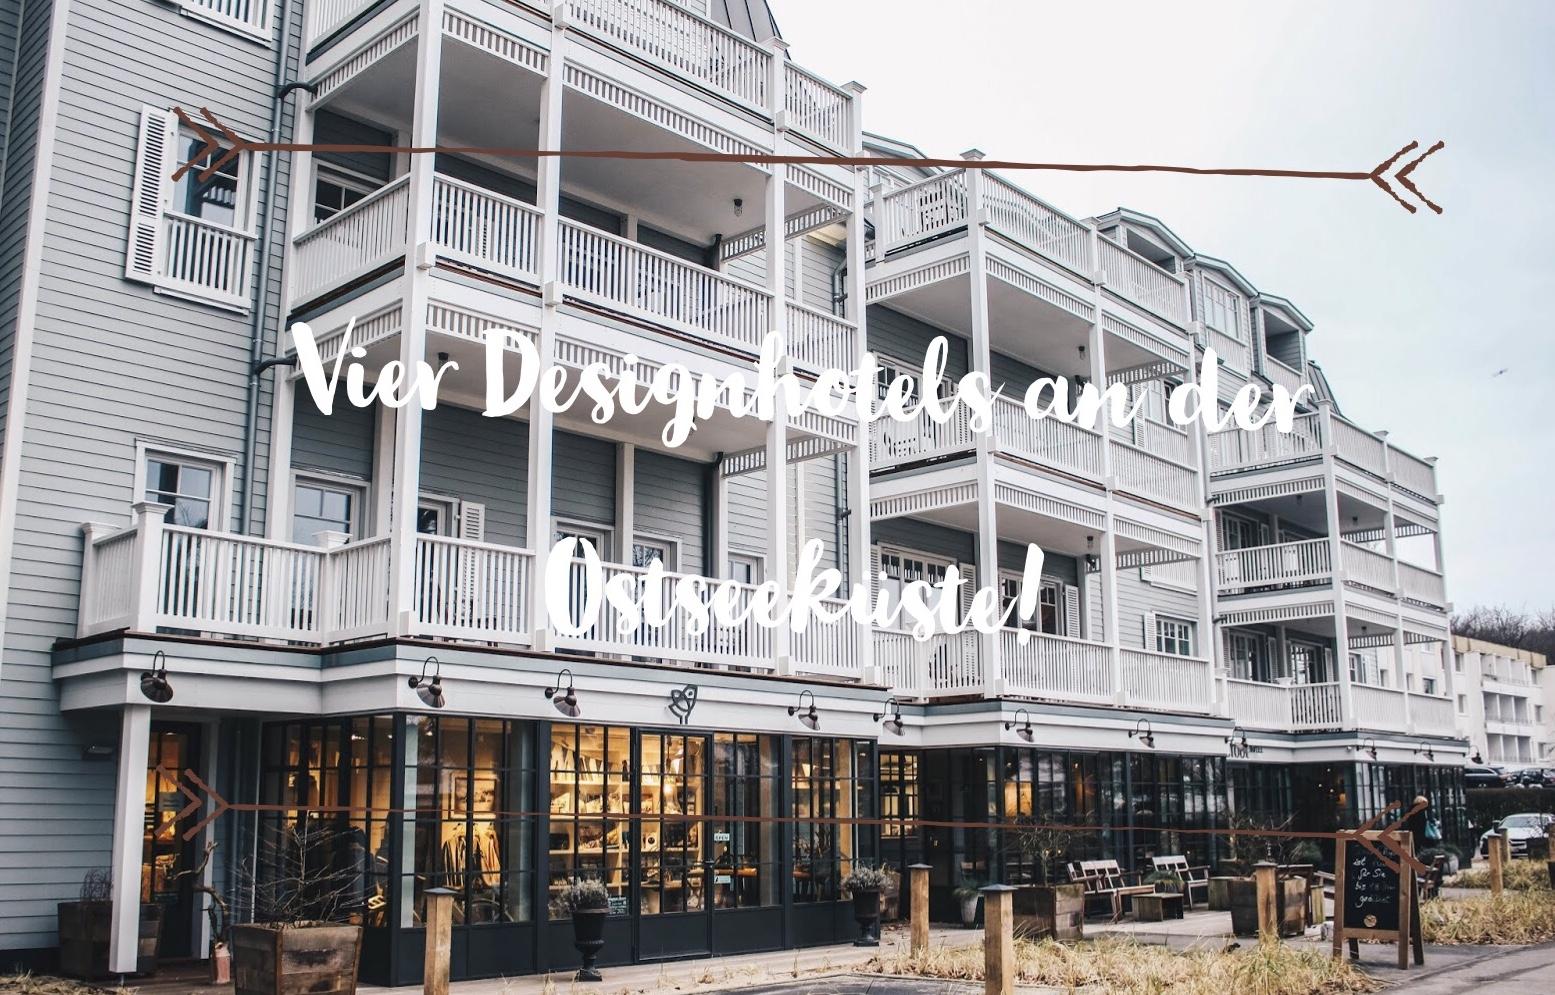 Die Vier Schonsten Designhotels An Der Ostseekuste Der Reise Und